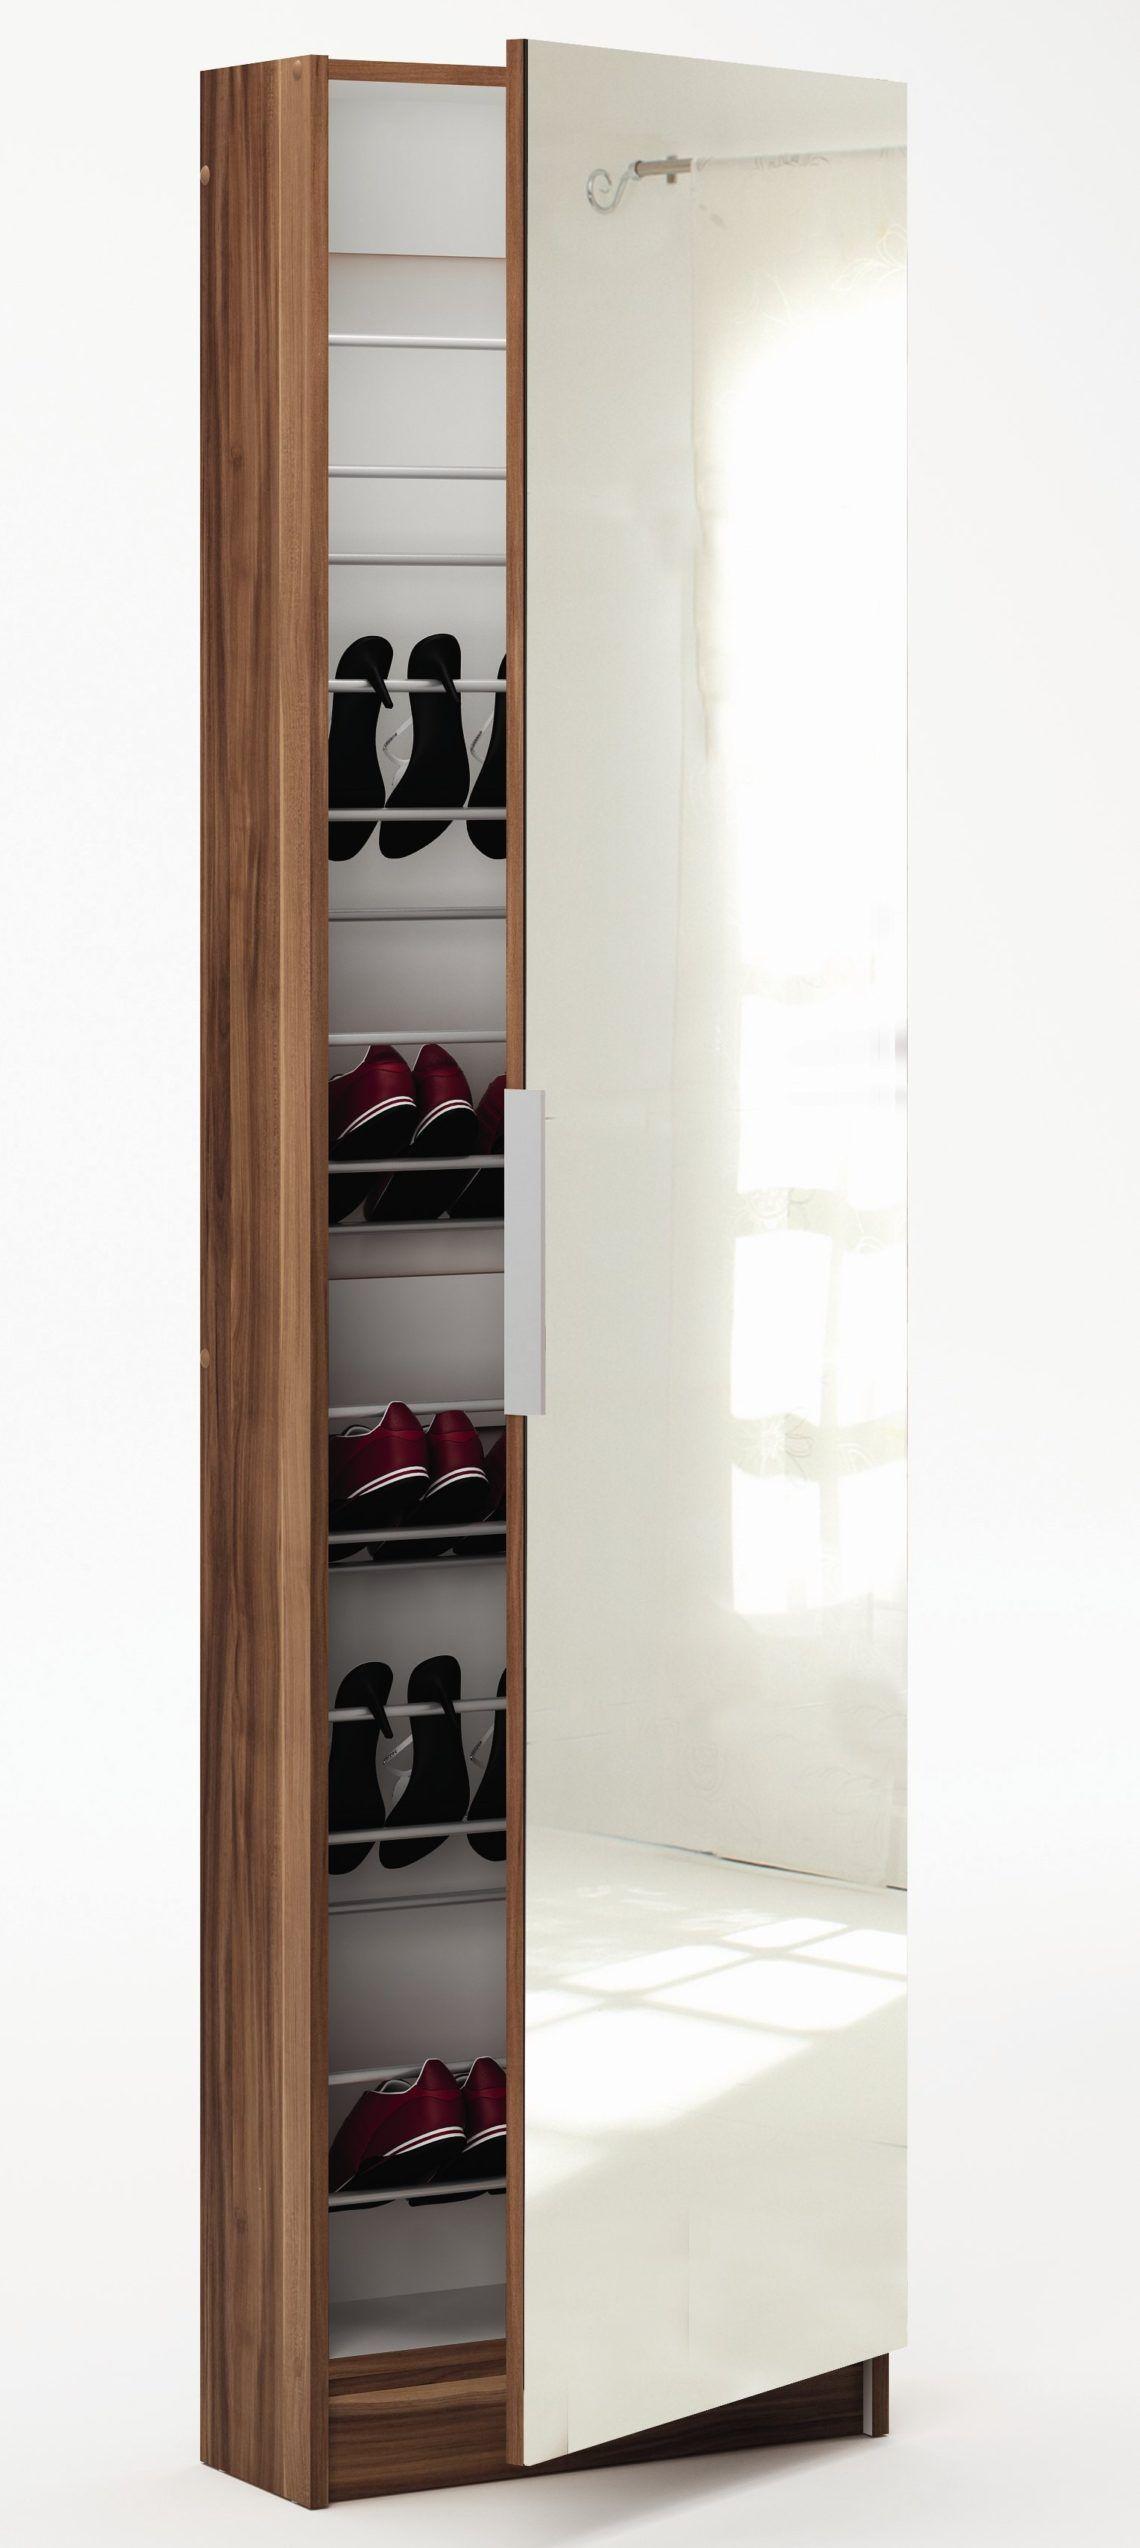 Tonnant Meuble Chaussures Alinea D Coration Fran Aise Pinterest # Alinea Meuble